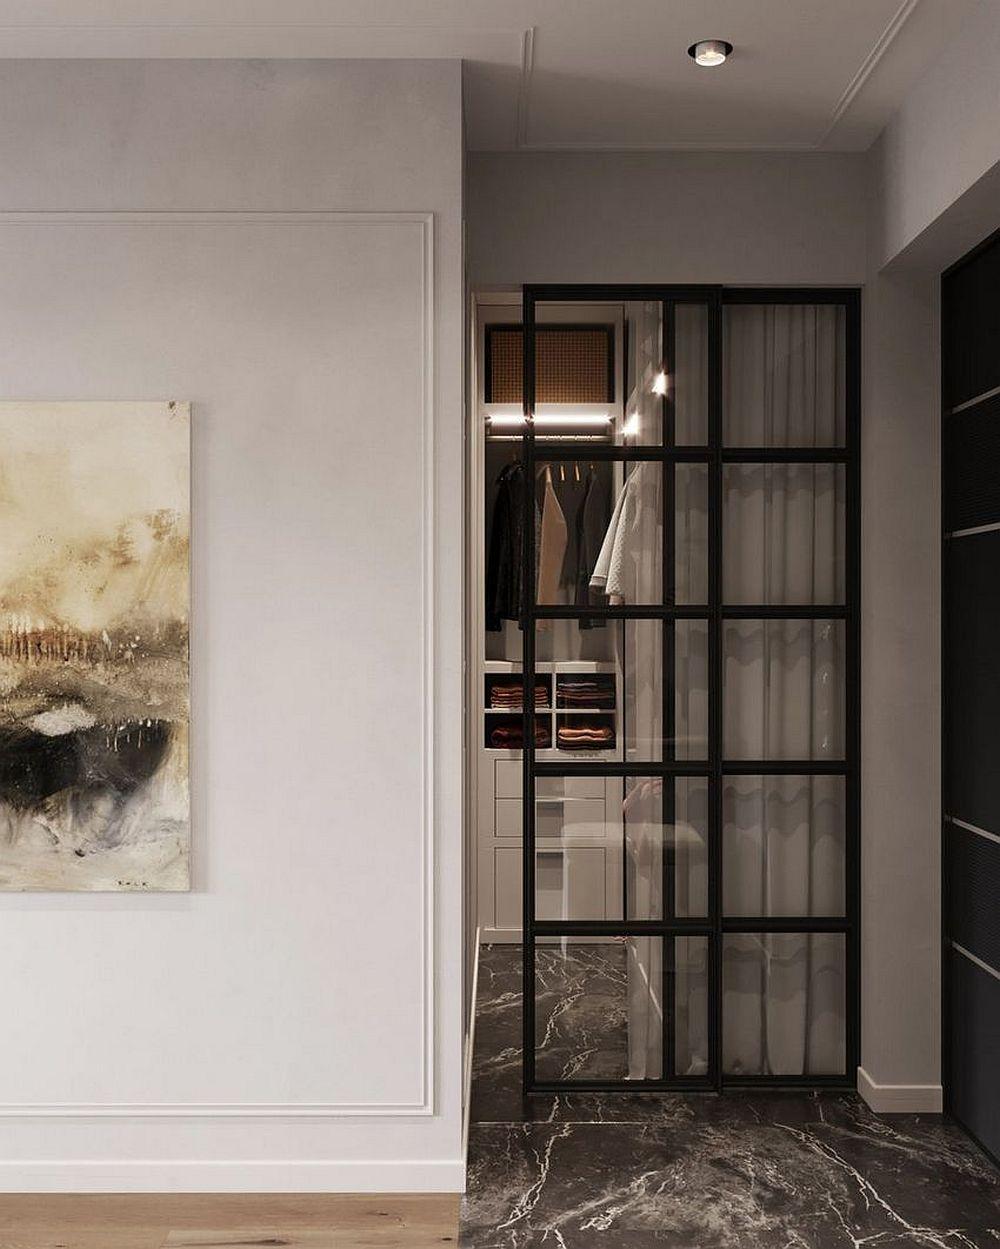 Dressingul este configurat în holul de la intrare în relație cu baia, adică cel mai aproape de aceasta. Astfel, dressingul are și rol de depozitare, dar și unul de cuier, având în vedere că spațiul micului hol este deschis către principala cameră.